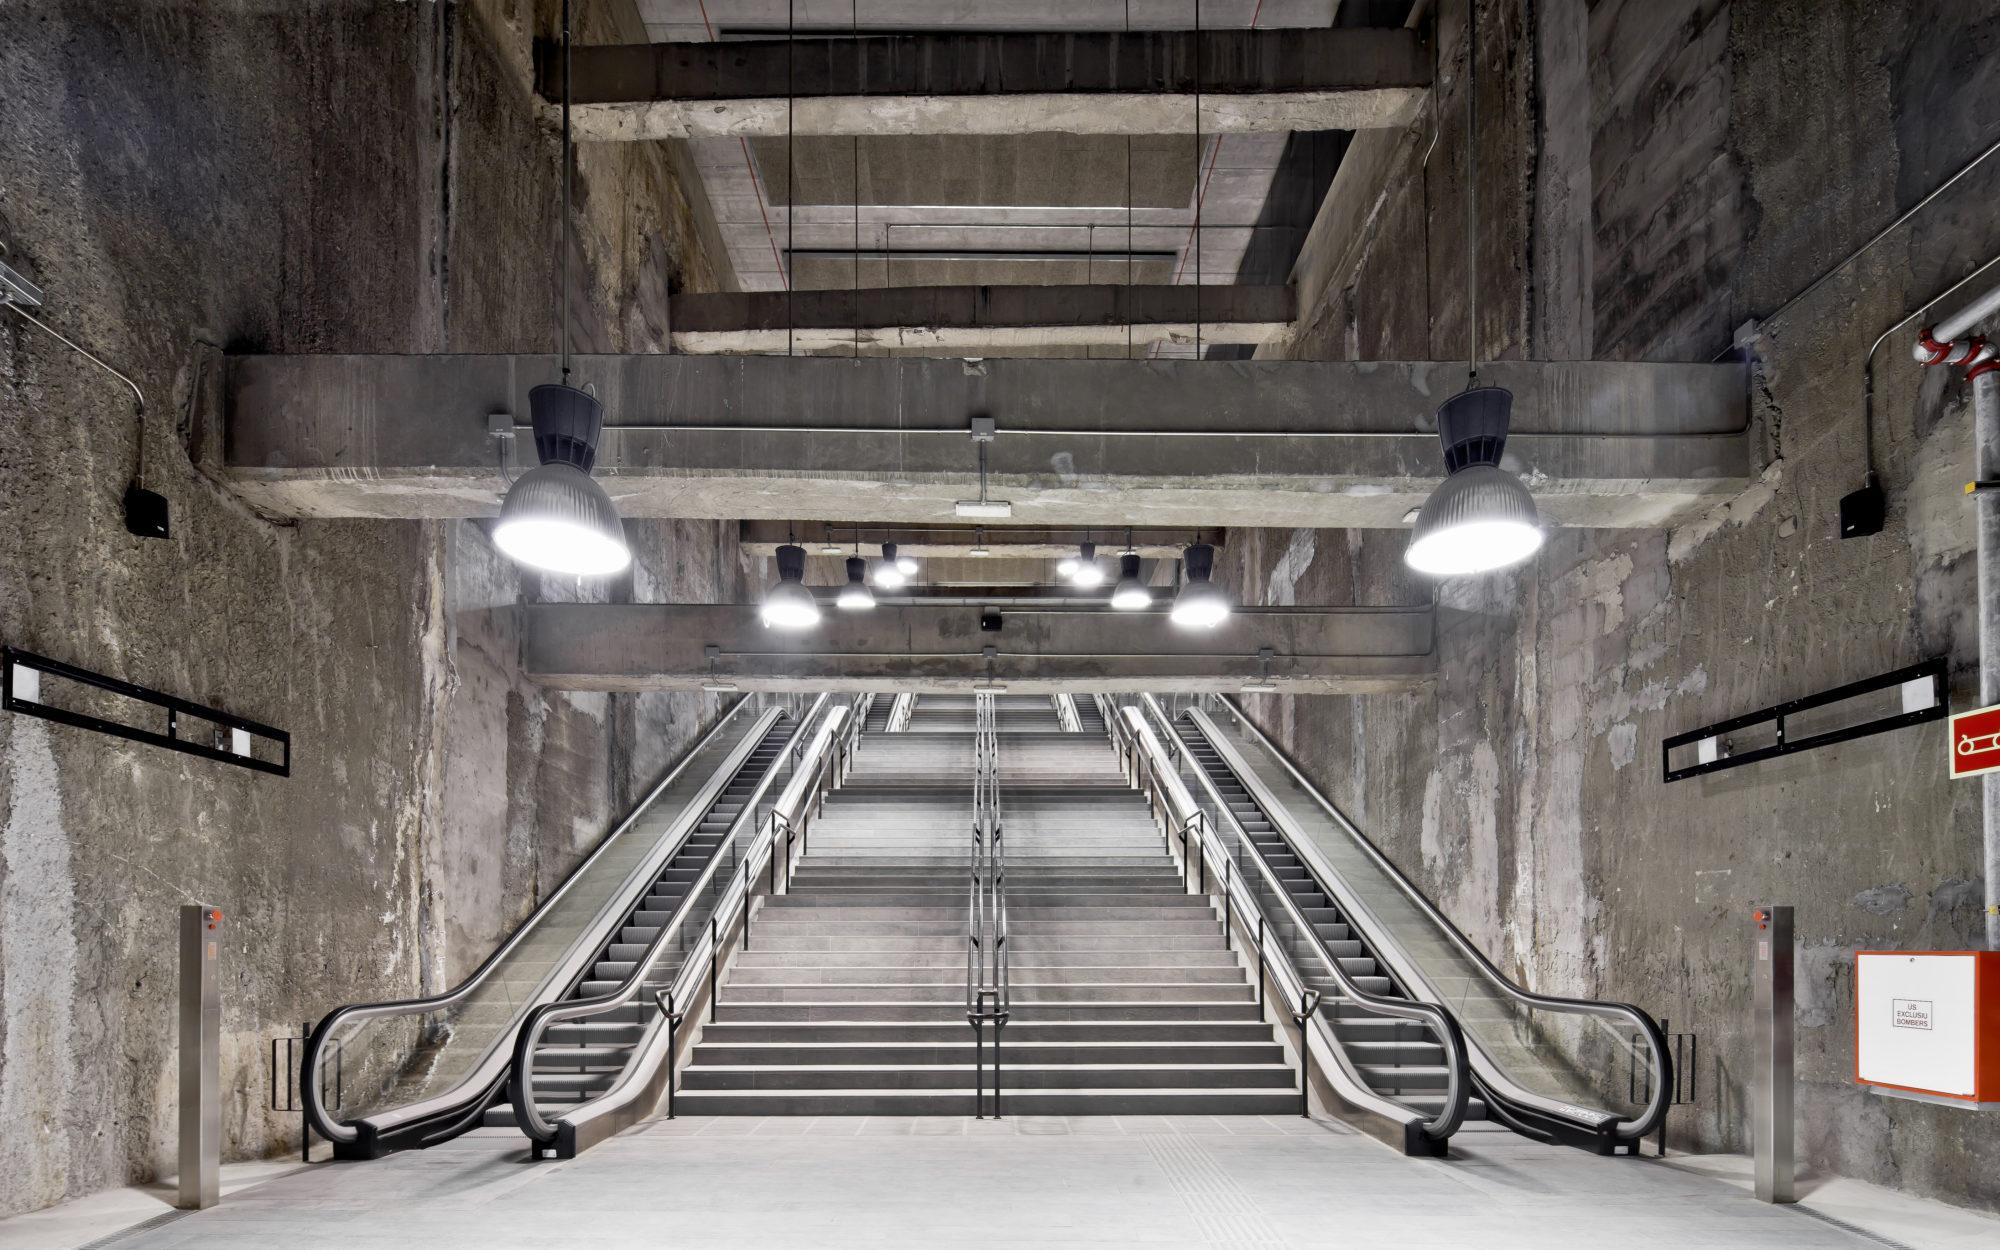 Tres estacions de metro L9 - Garcés - de Seta - Bonet